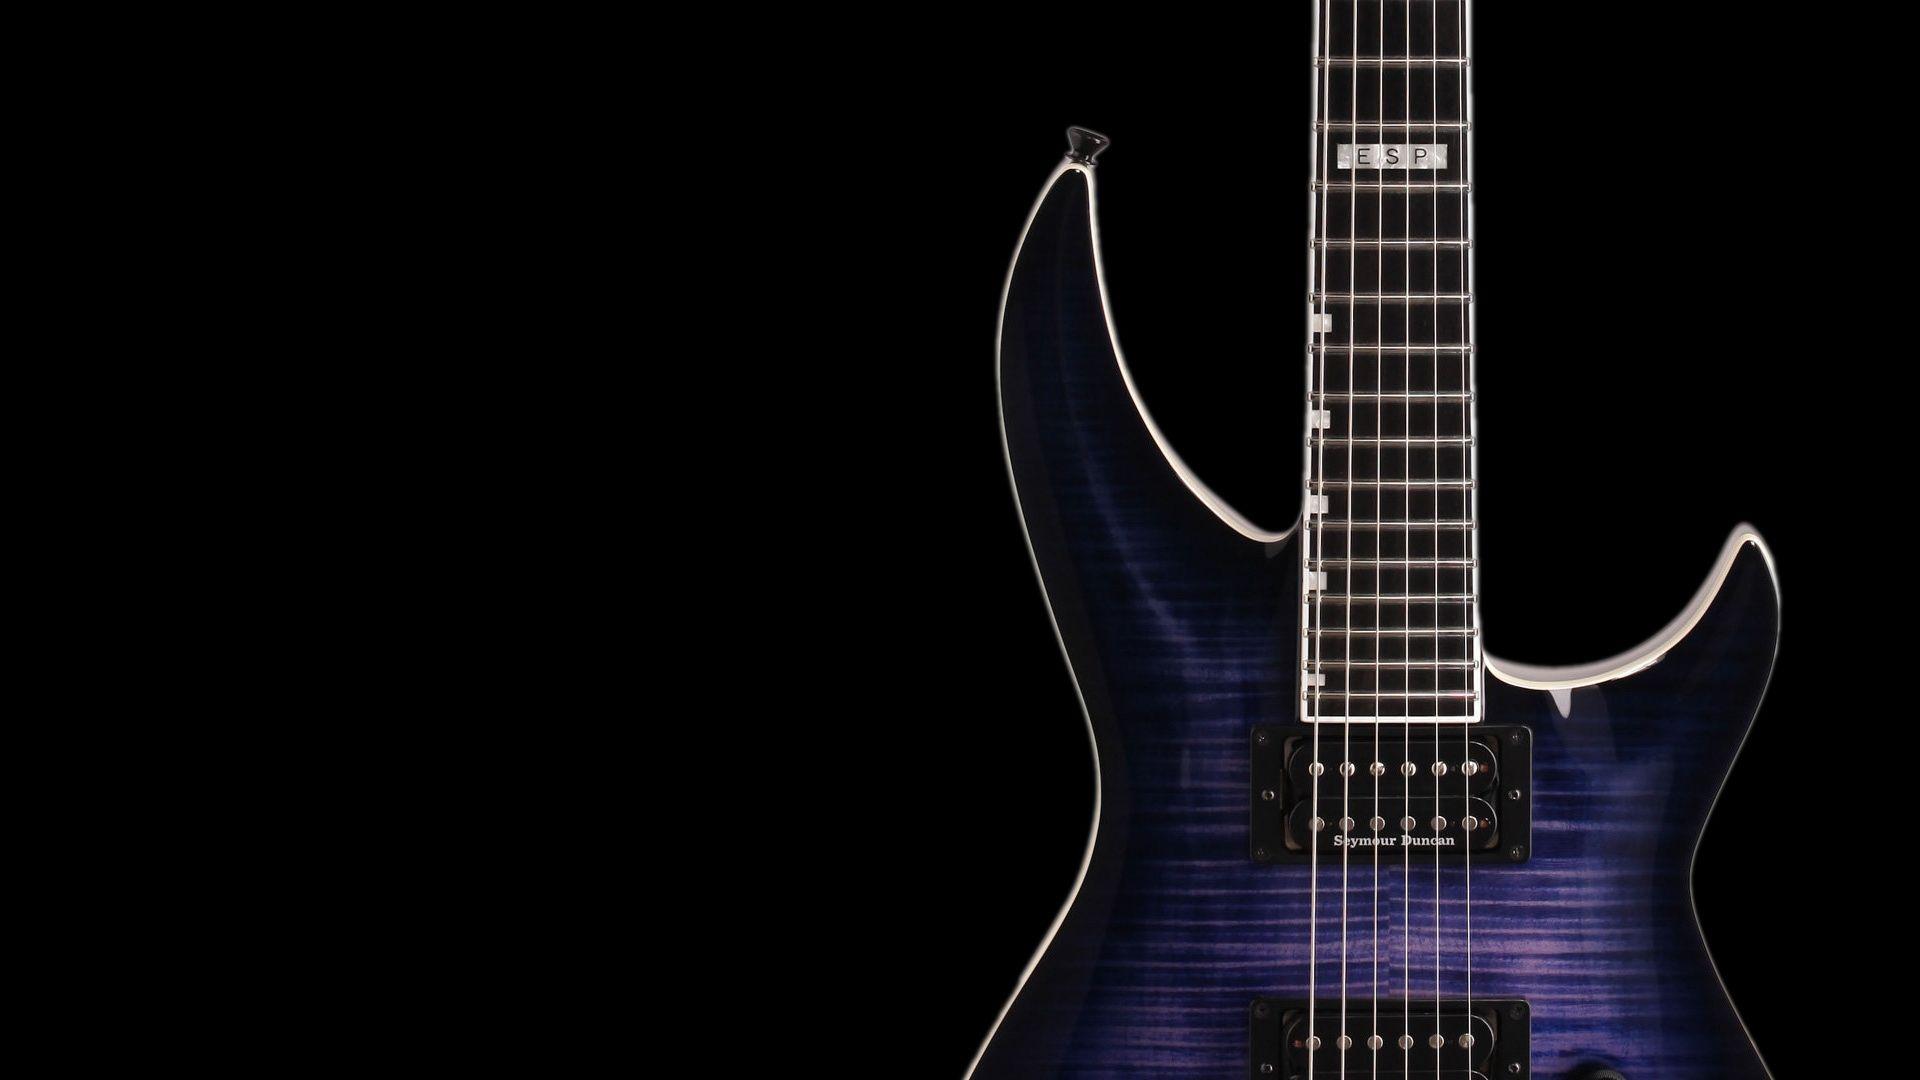 Electric Guitar, Desktop Wallpaper